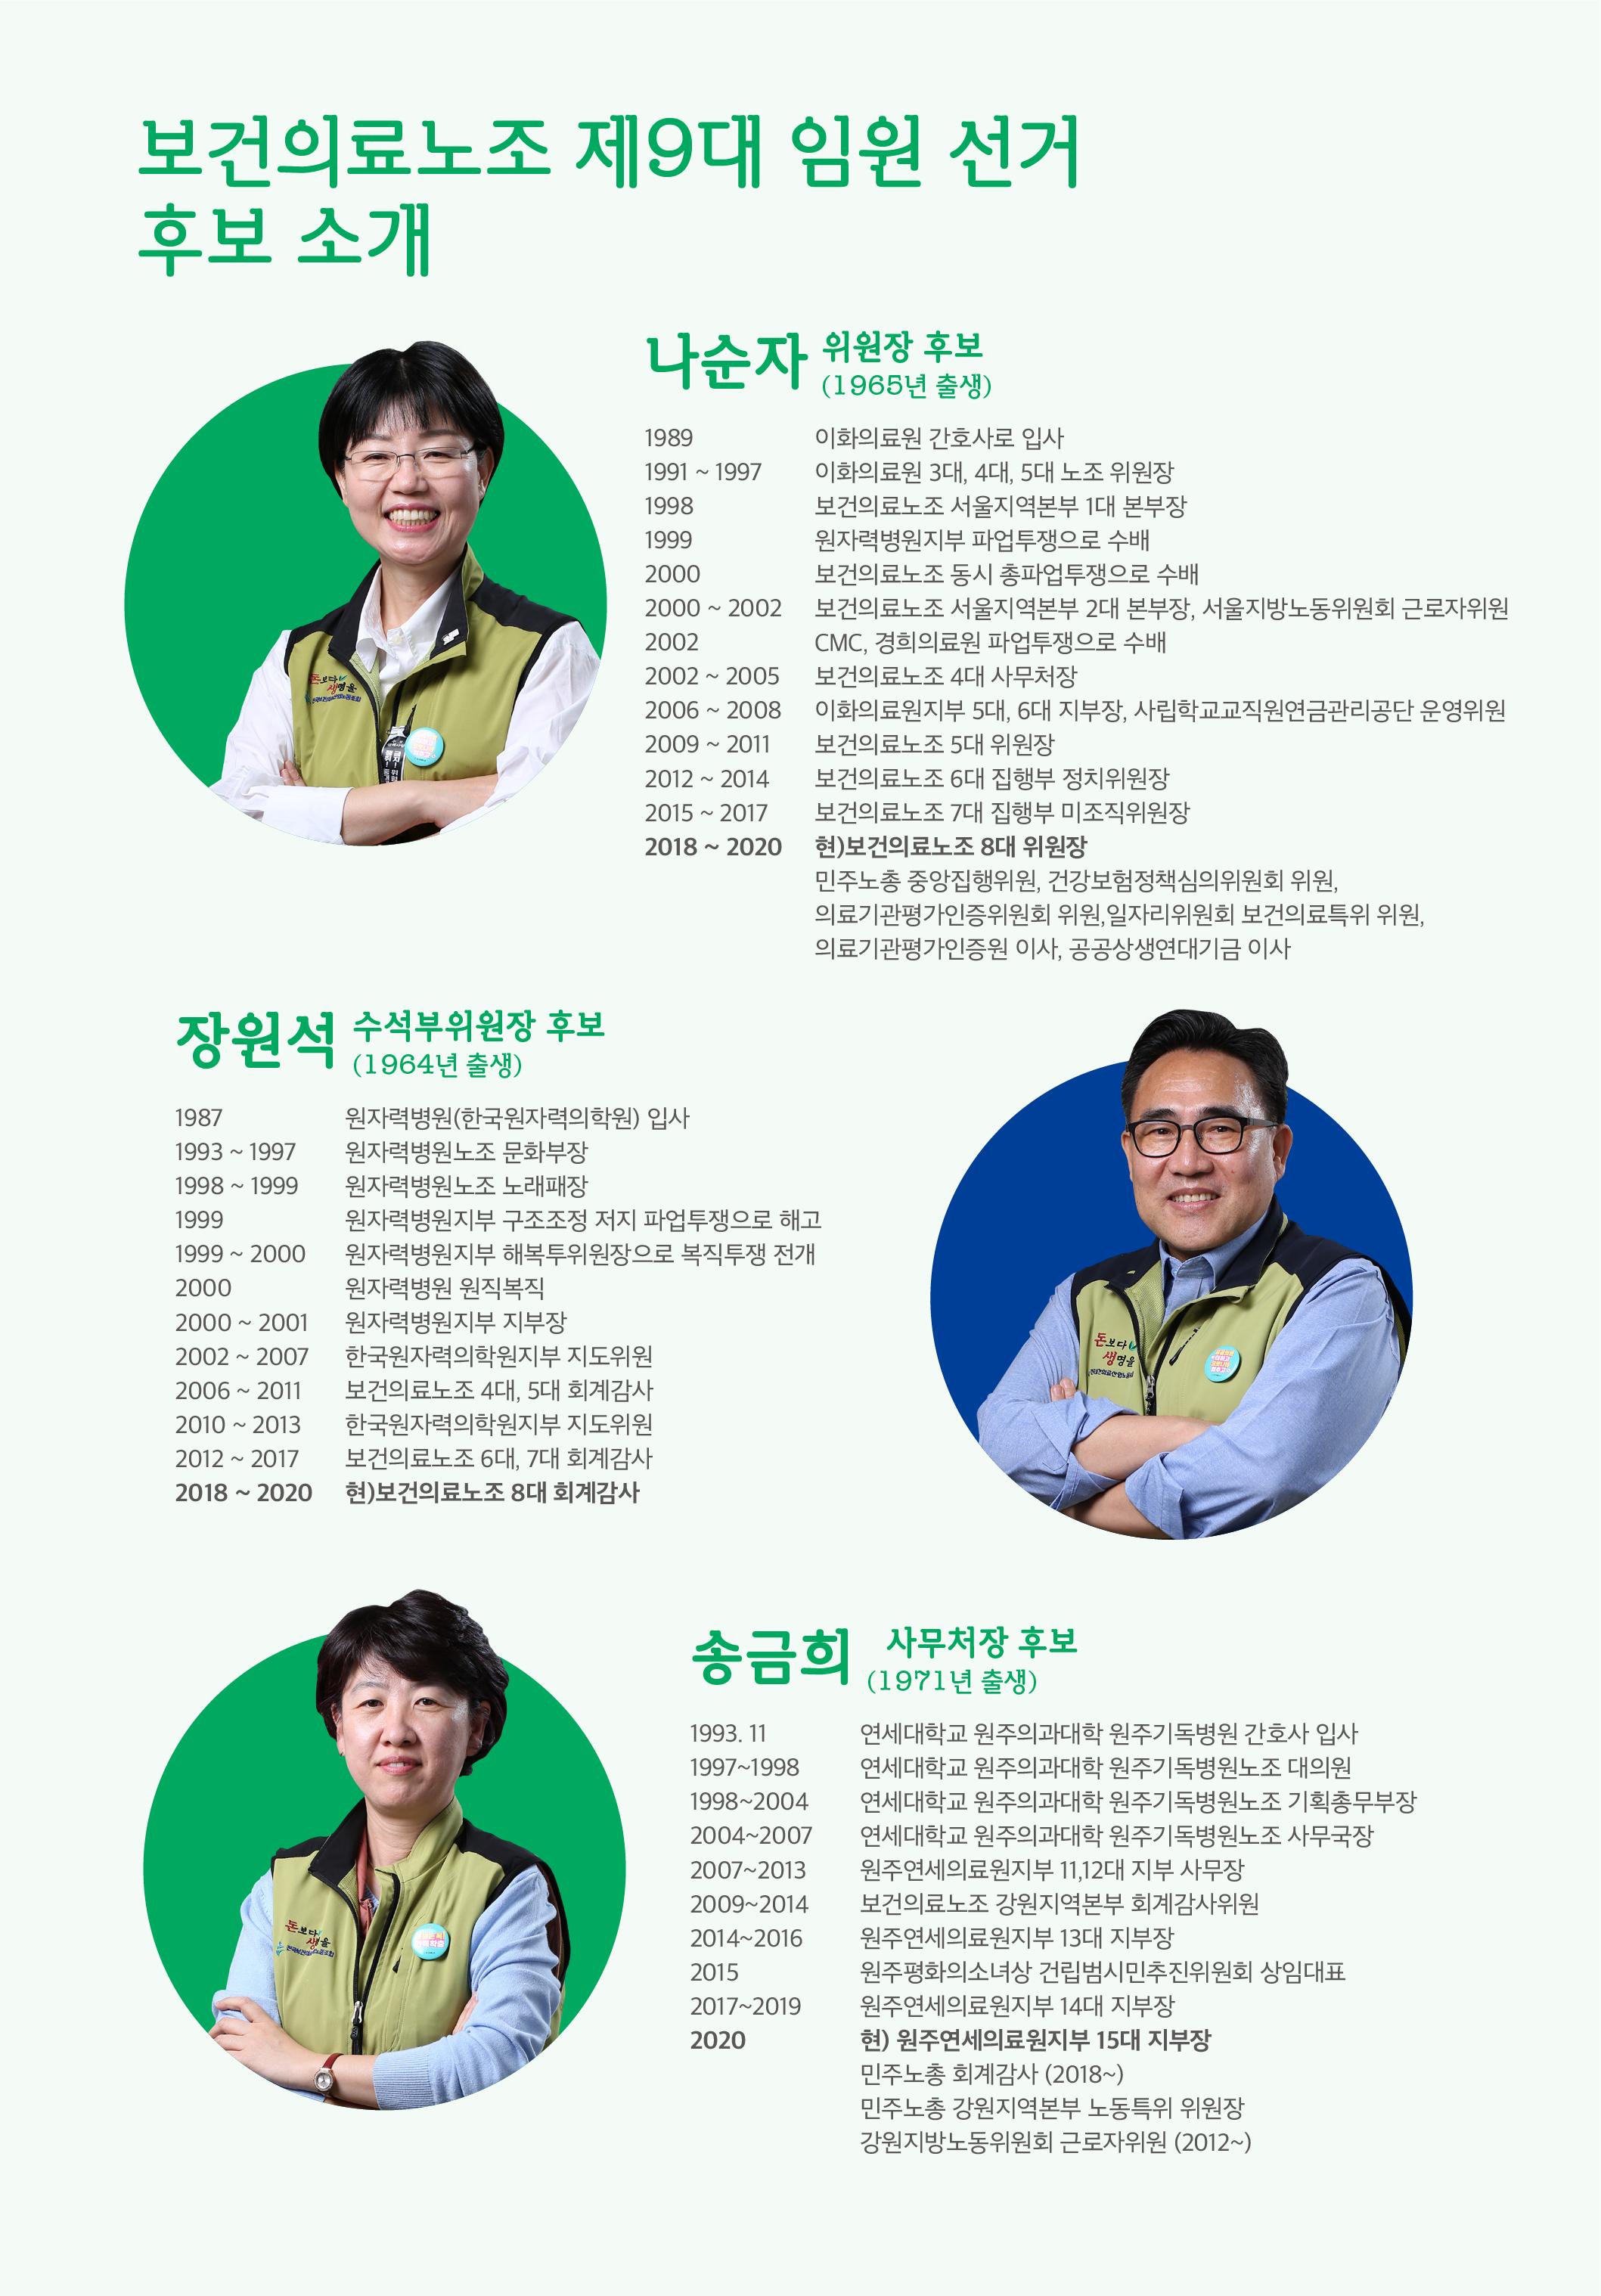 9기임원선거_약력-01.png